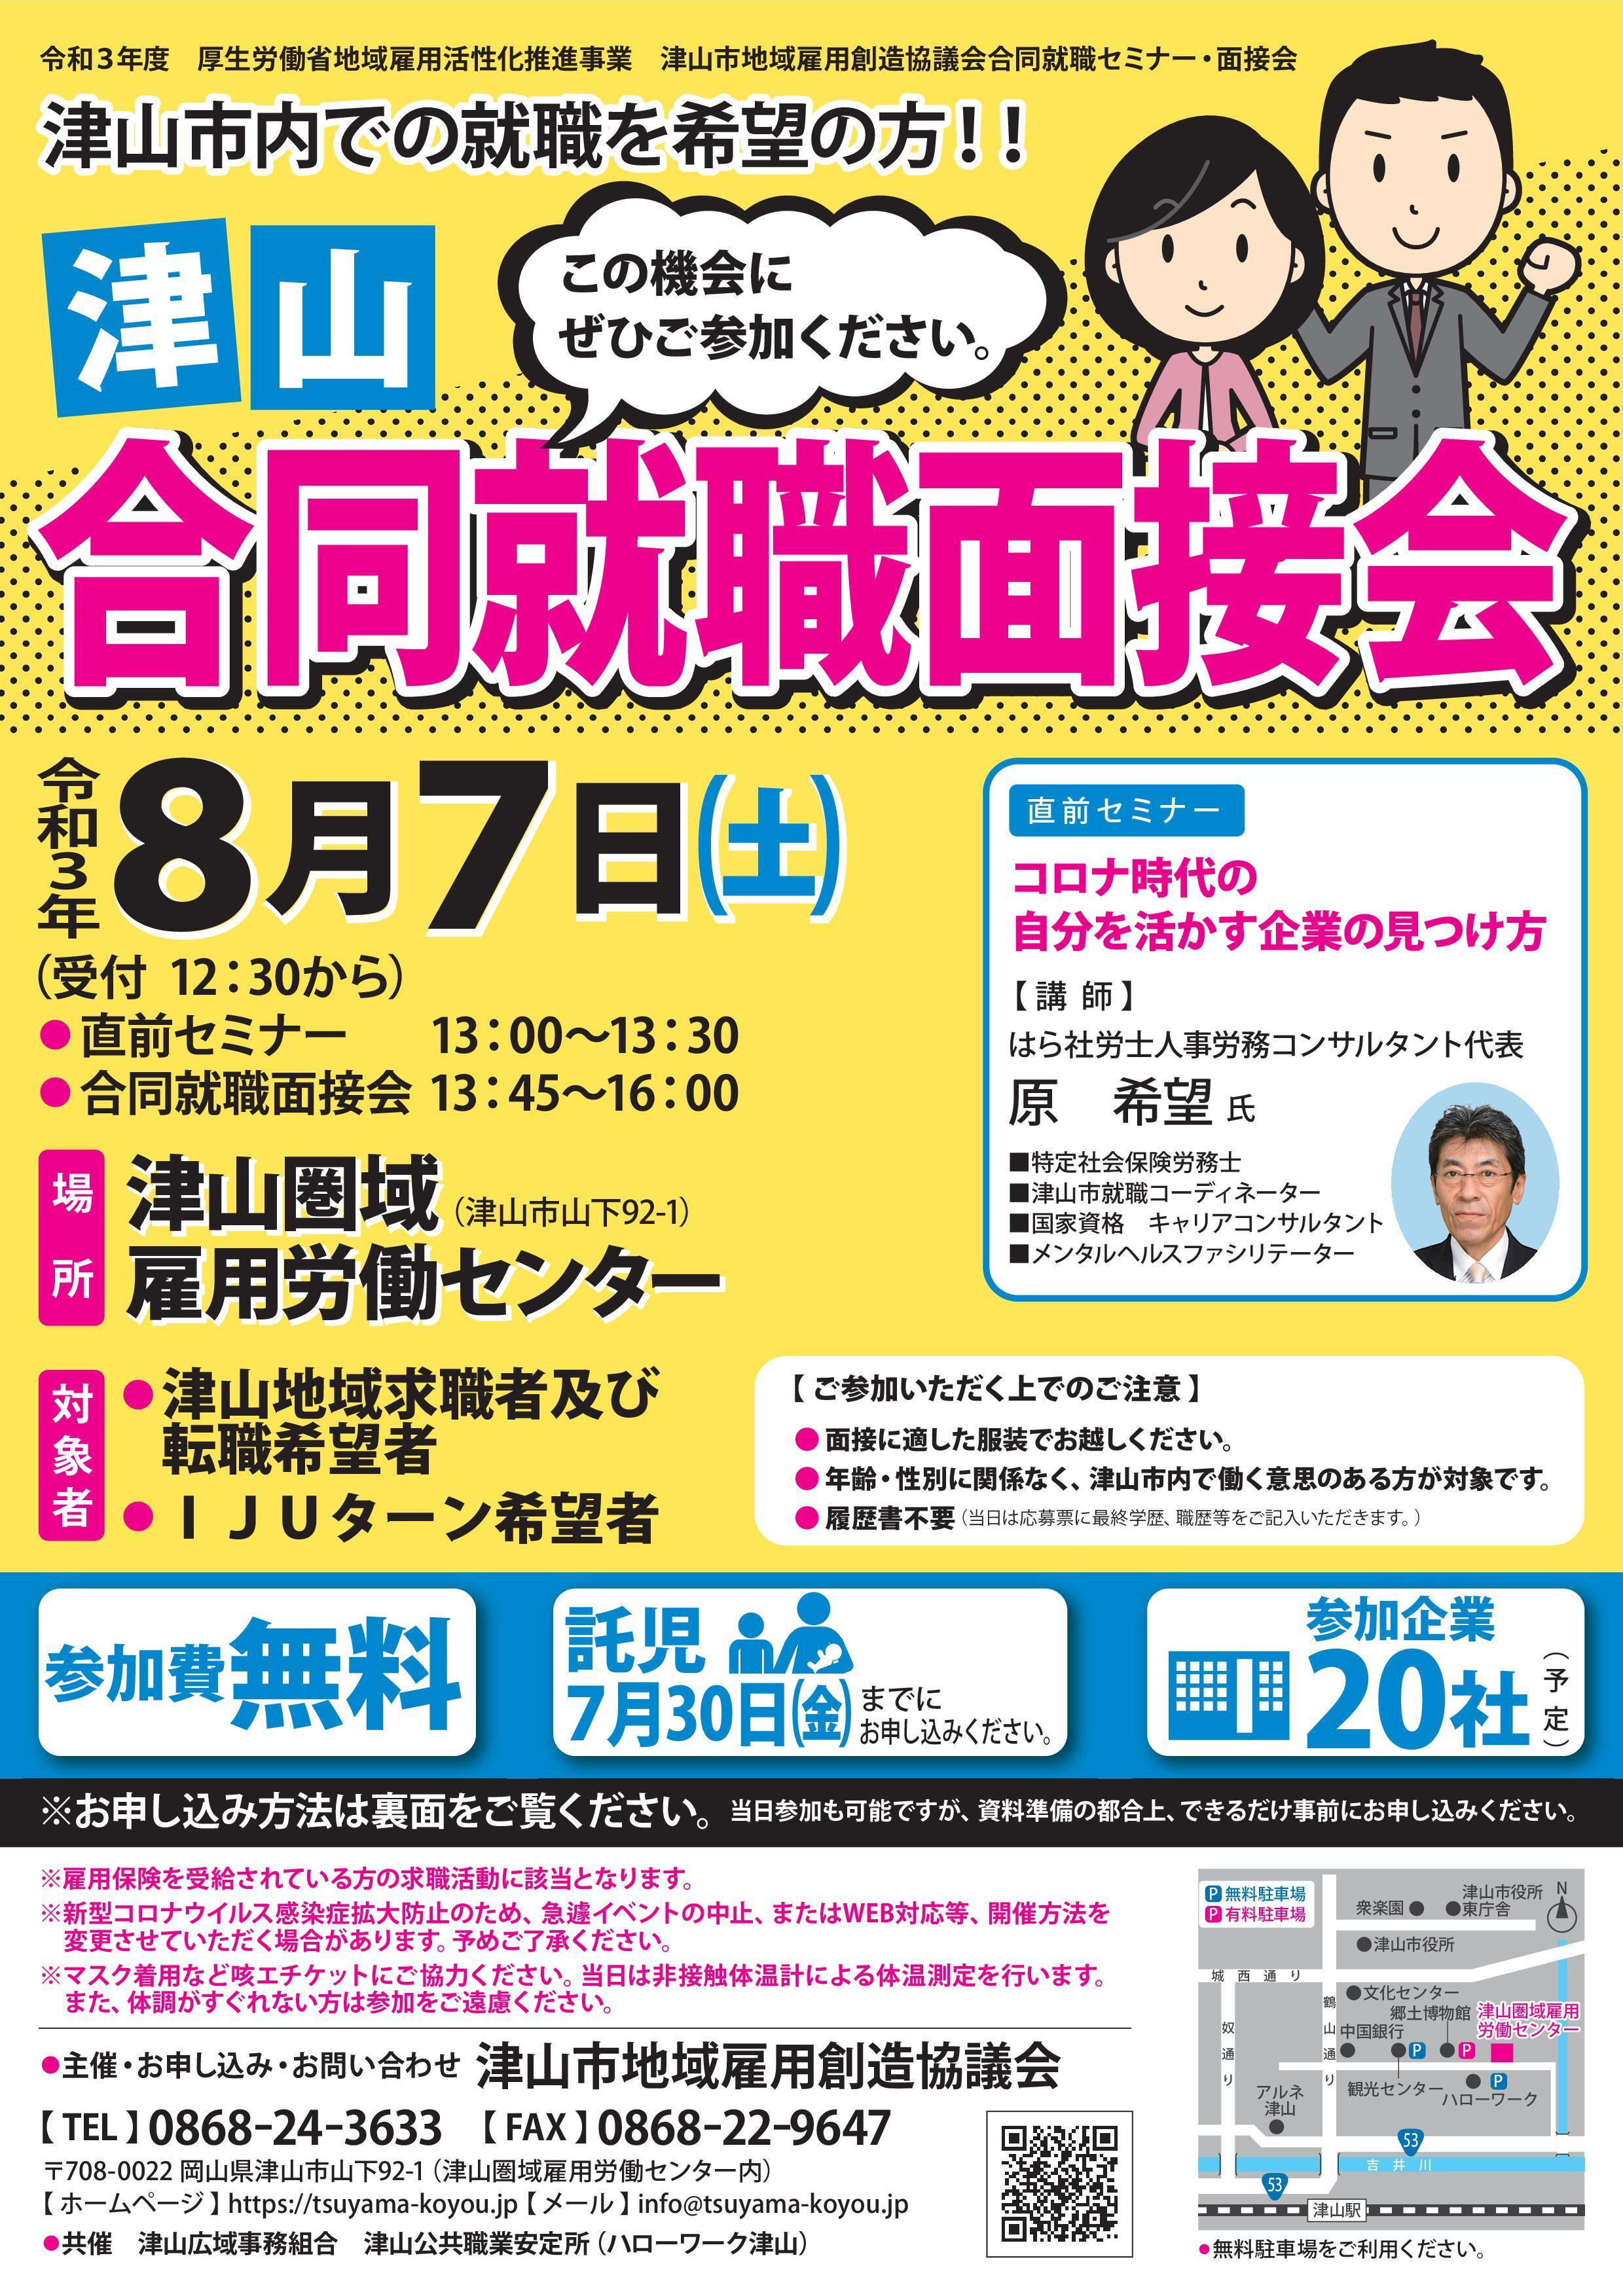 2021年8月7日(土)開催 「津山合同就職面接会」参加者募集のお知らせ